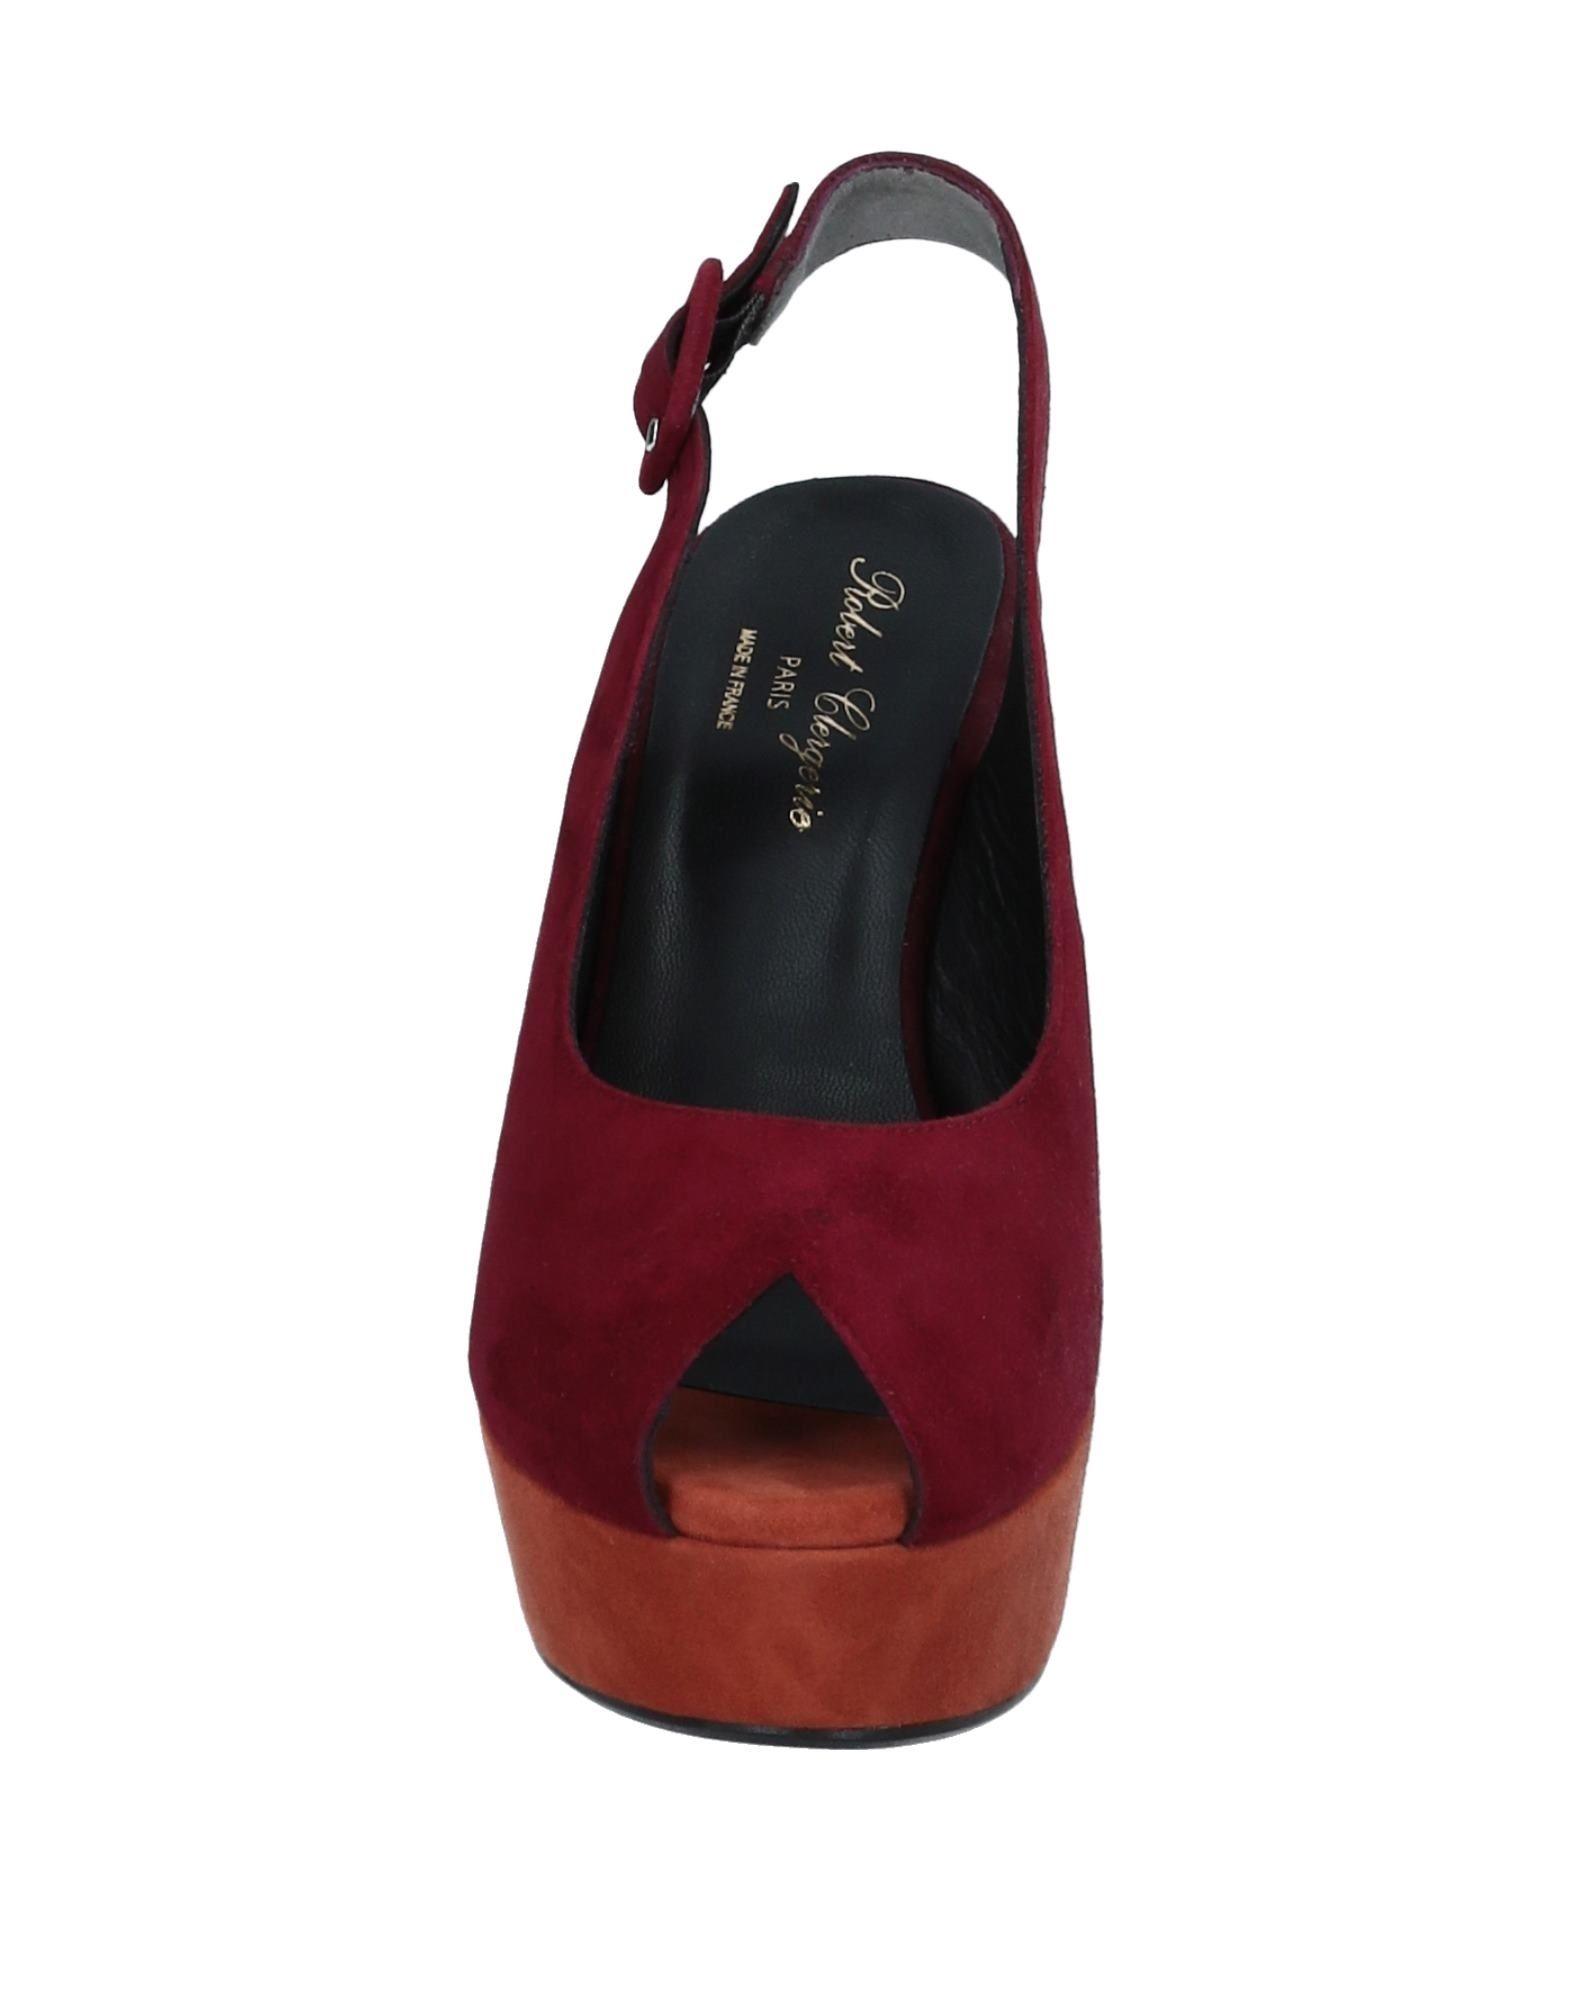 Robert Clergerie Sandals - Women Women Women Robert Clergerie Sandals online on  United Kingdom - 11525496BN f6f5d4